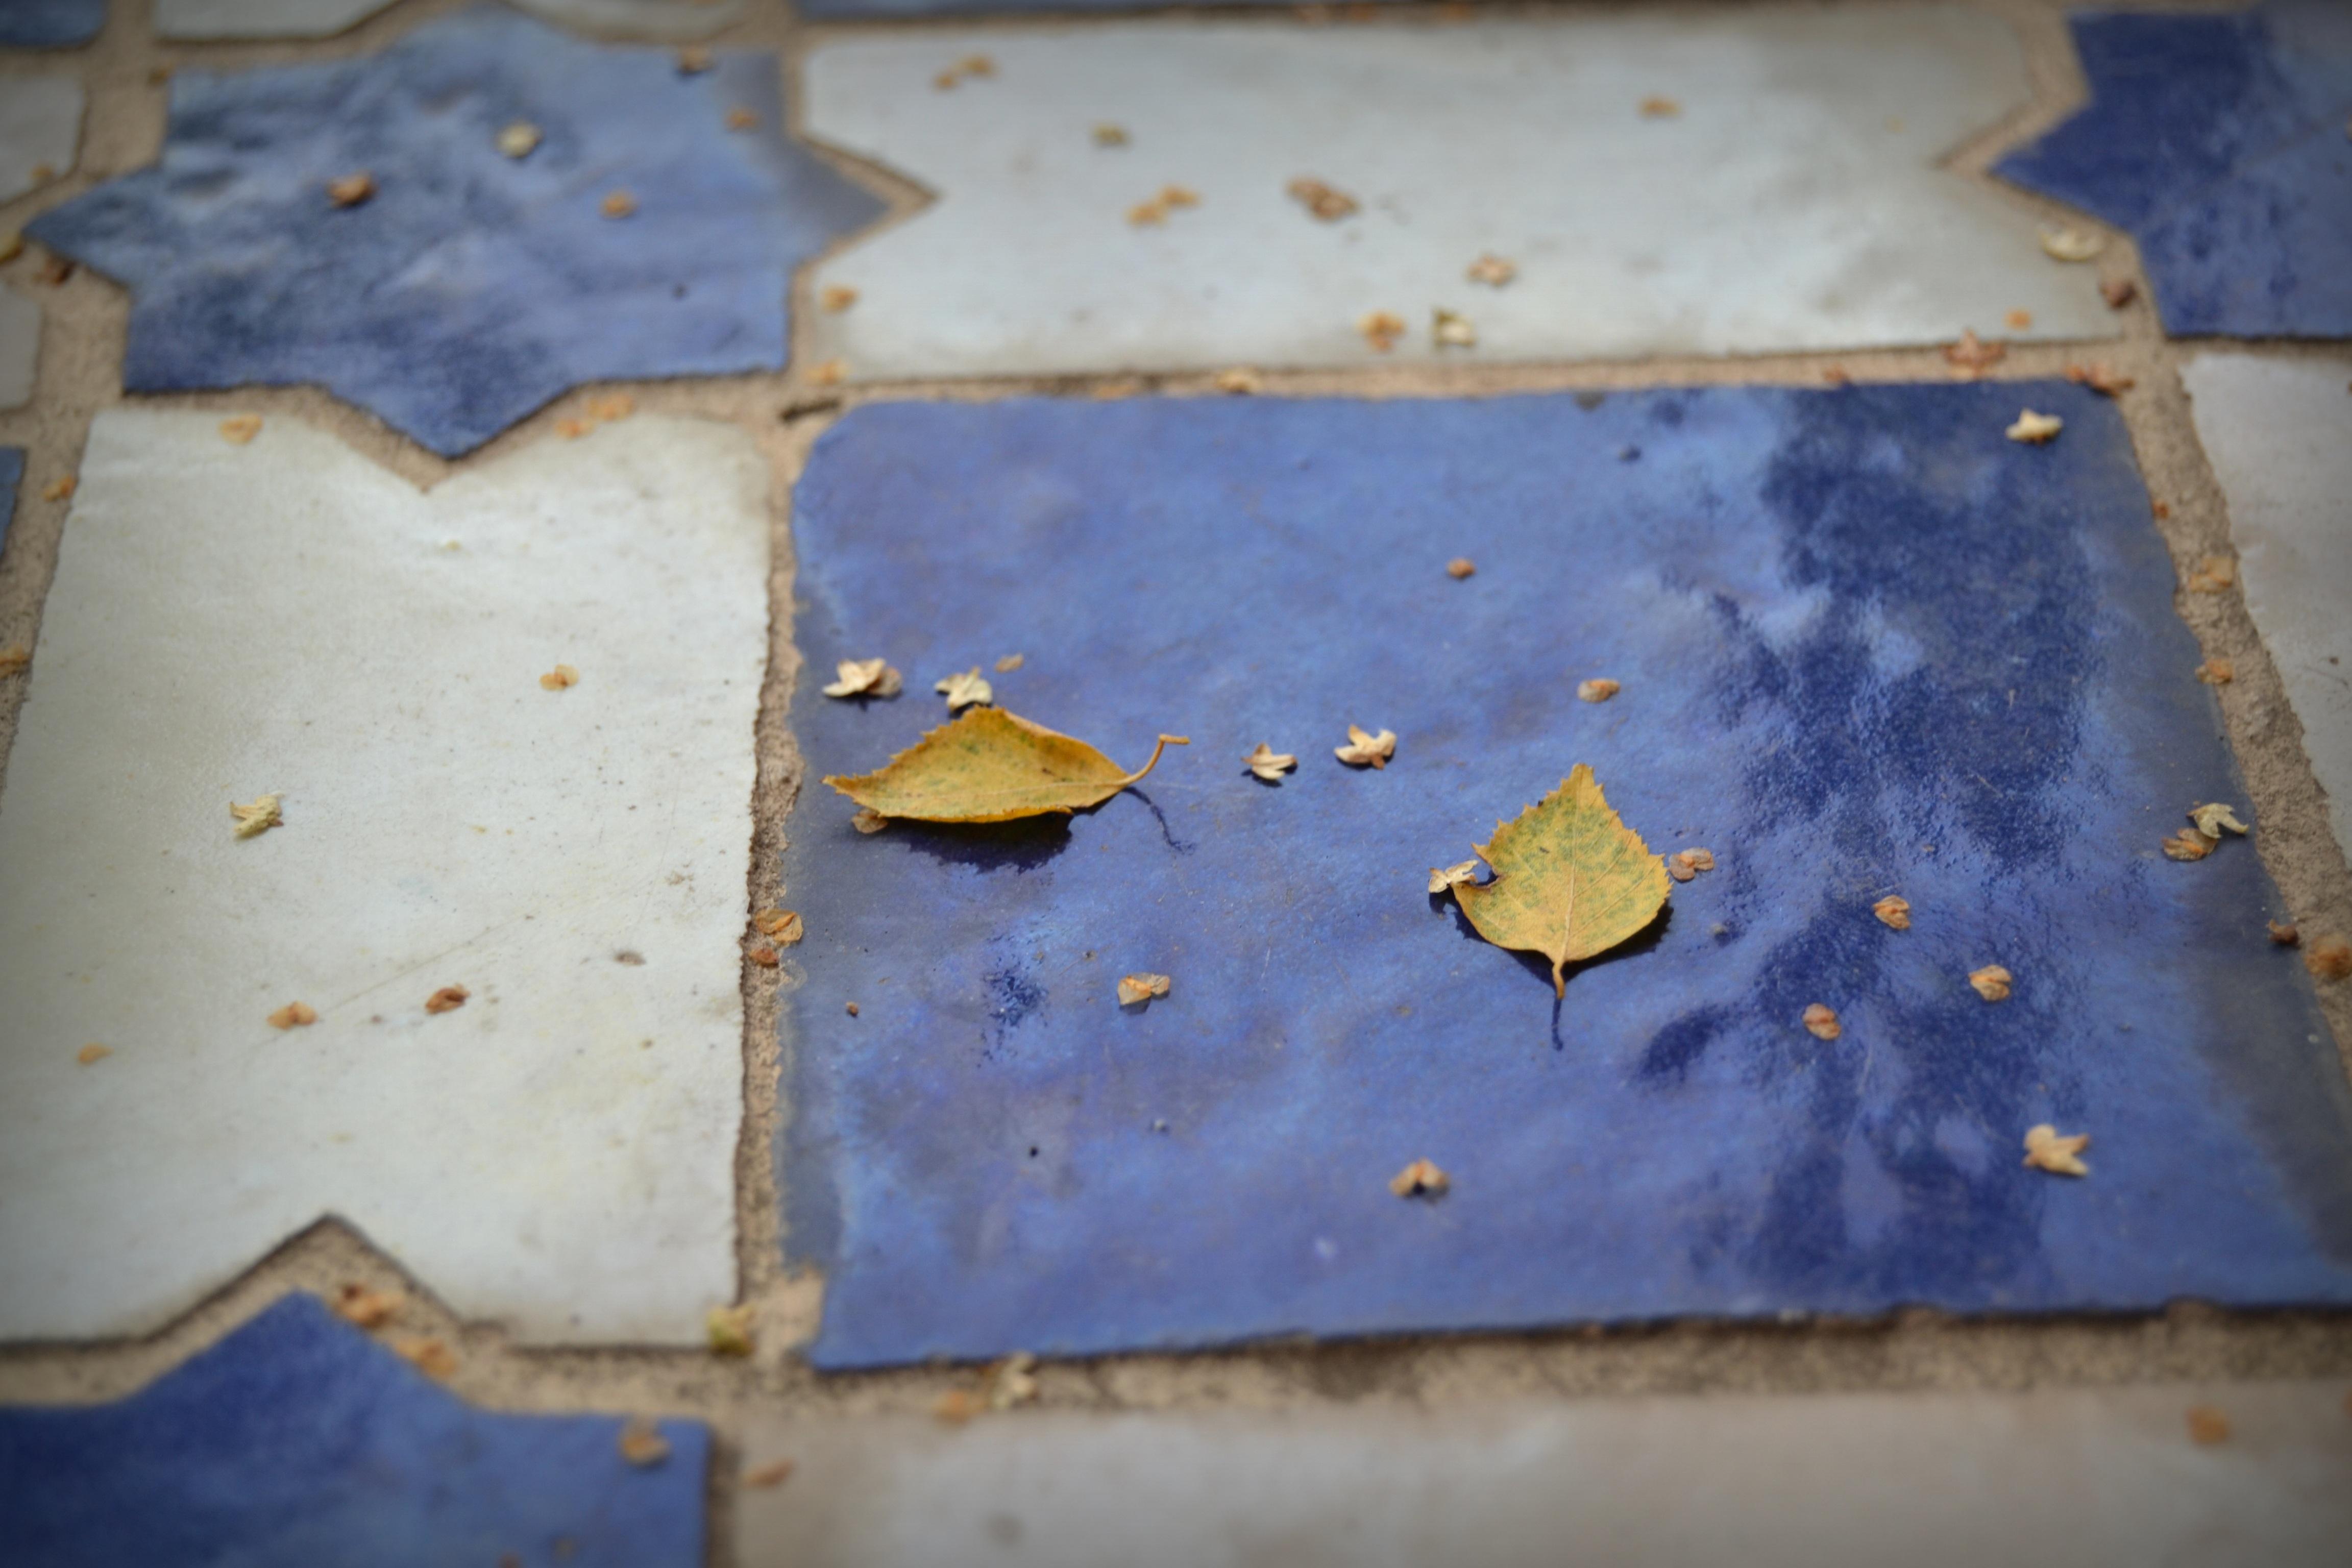 Immagini belle legna bianca terra pavimento parete colore